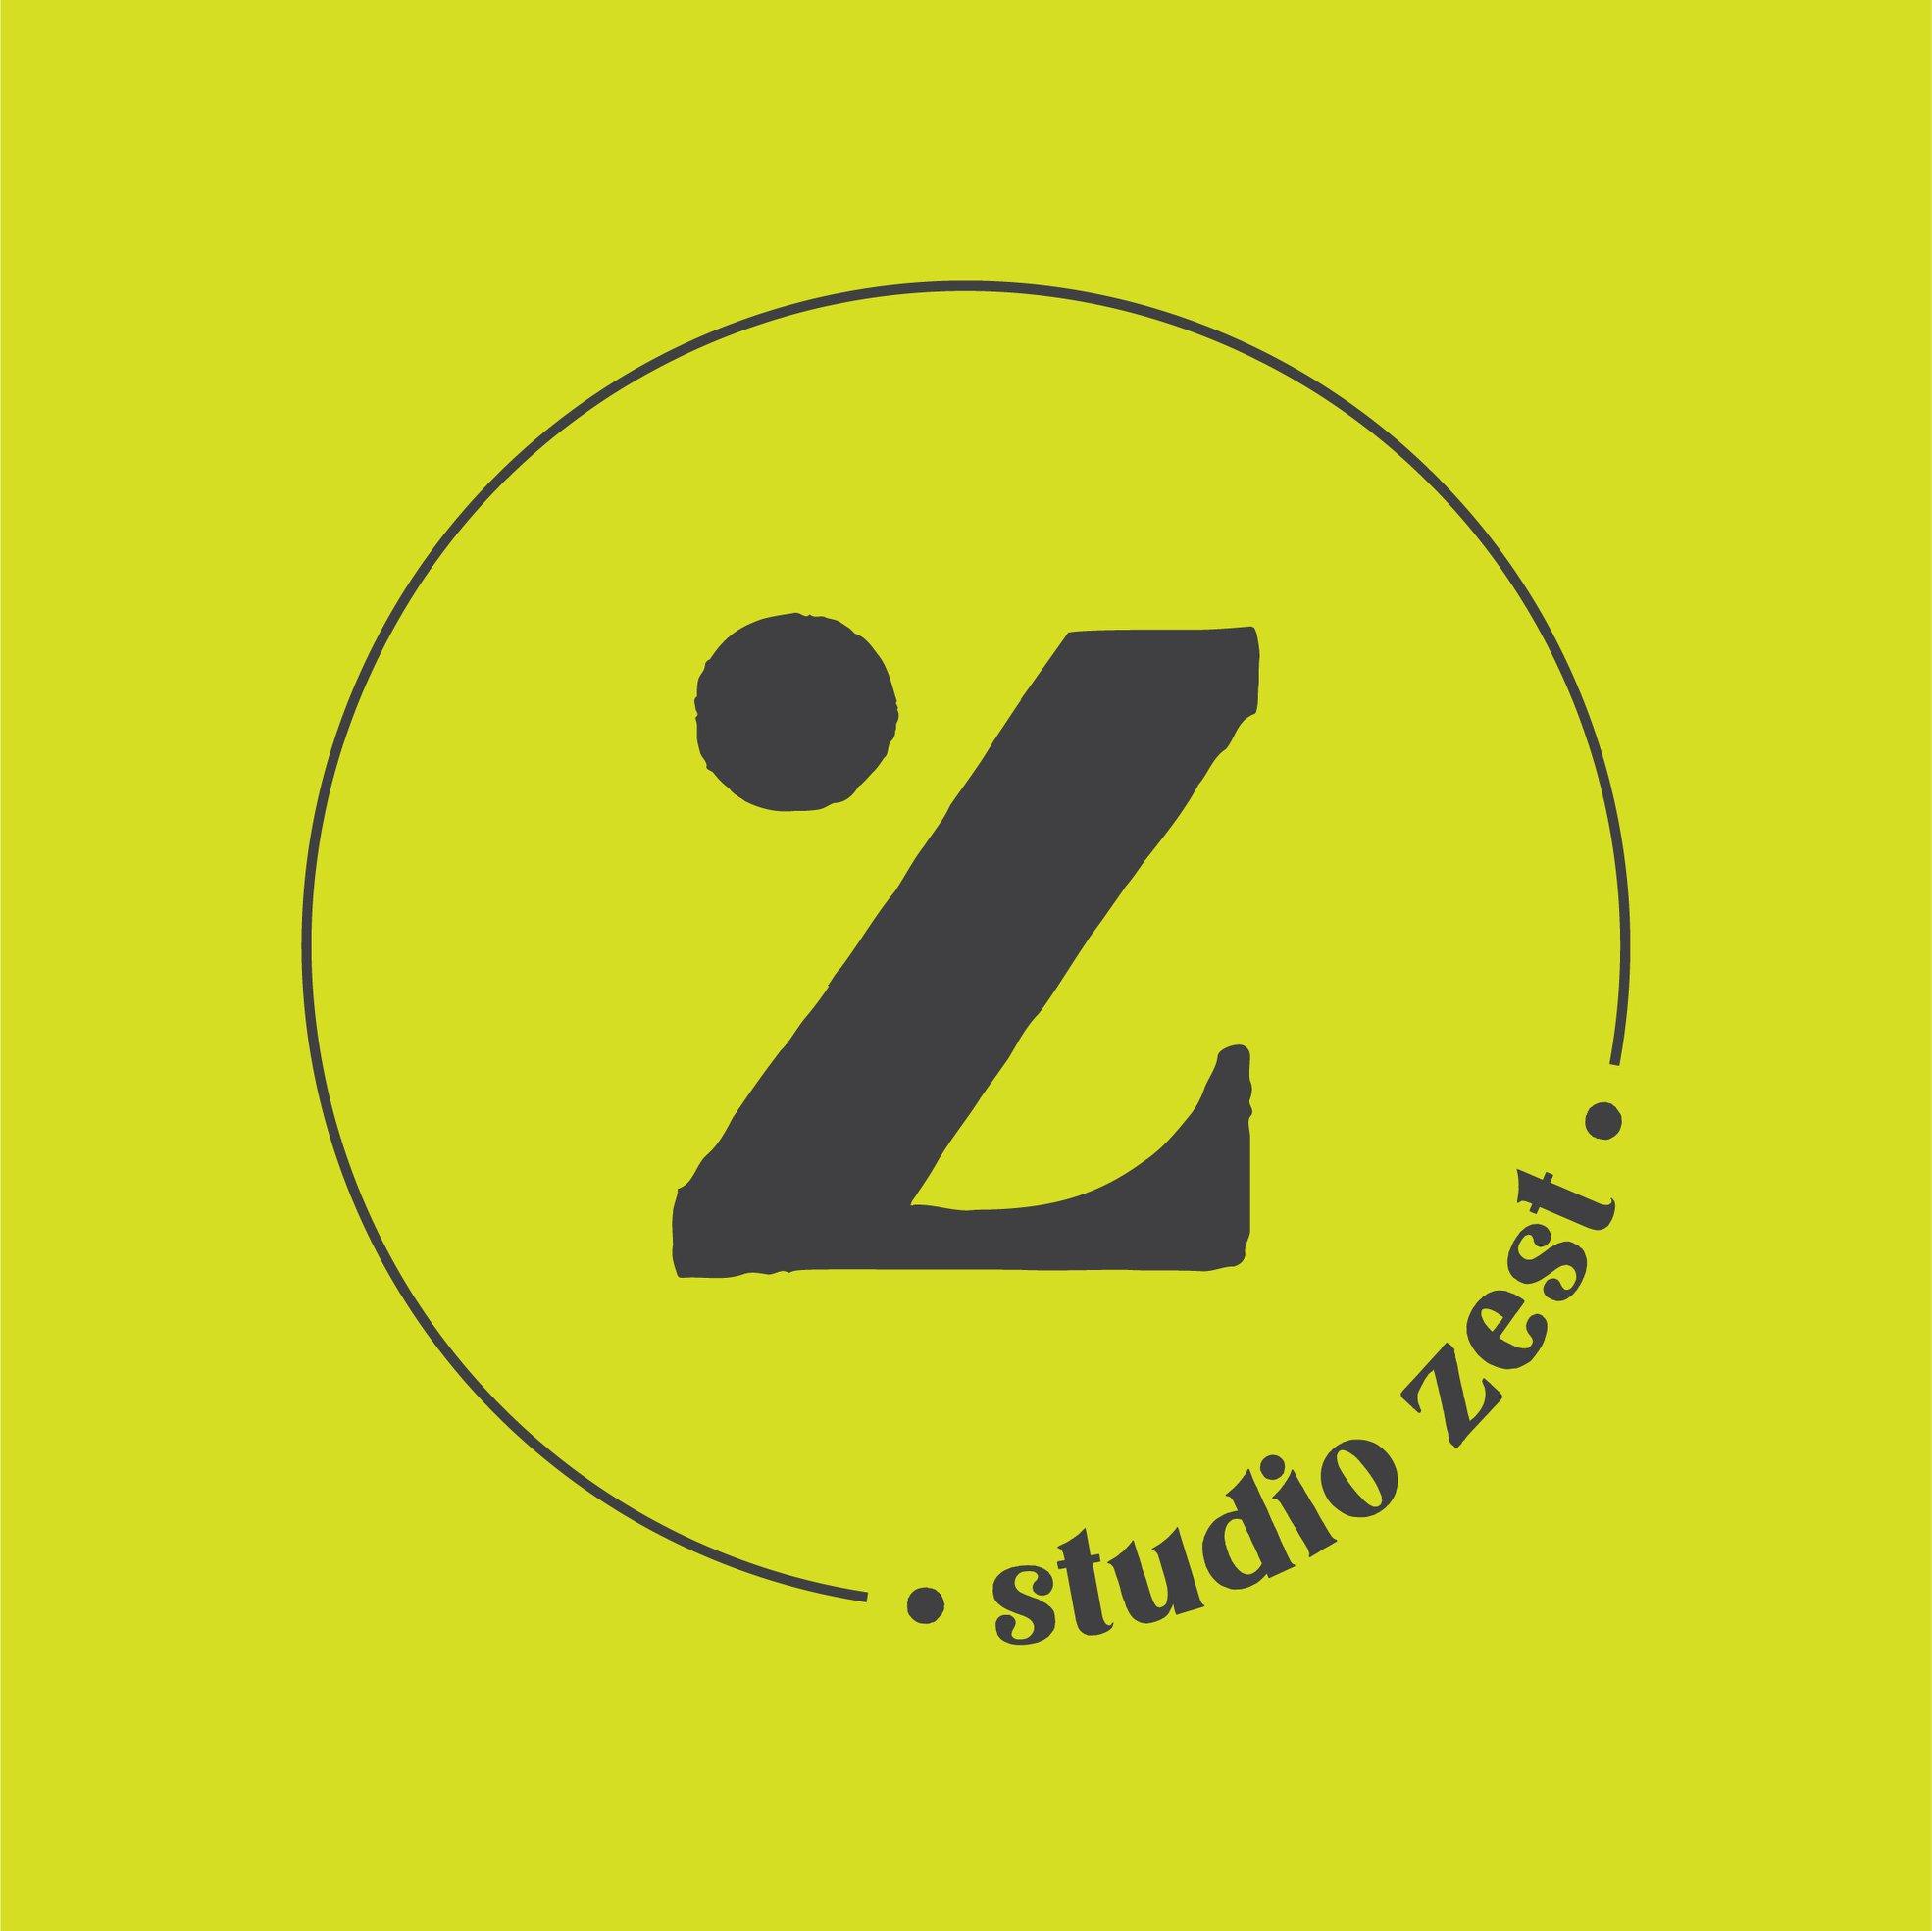 Studio Zest